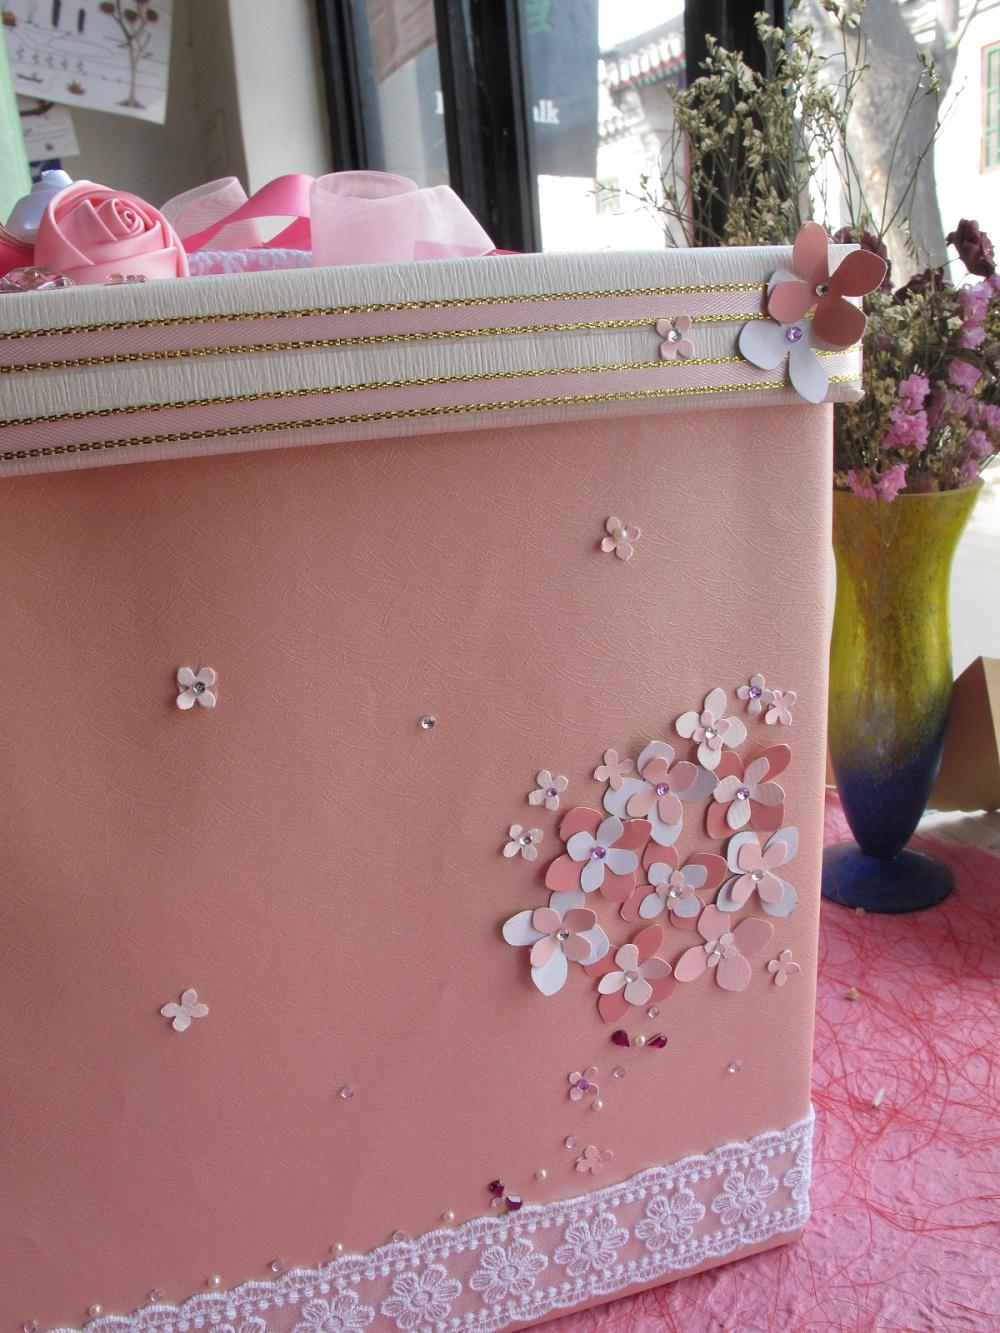 Креативный подарок, Сувенир Оригинальный знак ручной свадебный подарок красное поле взносов обратить коробки хранения бокс-сет